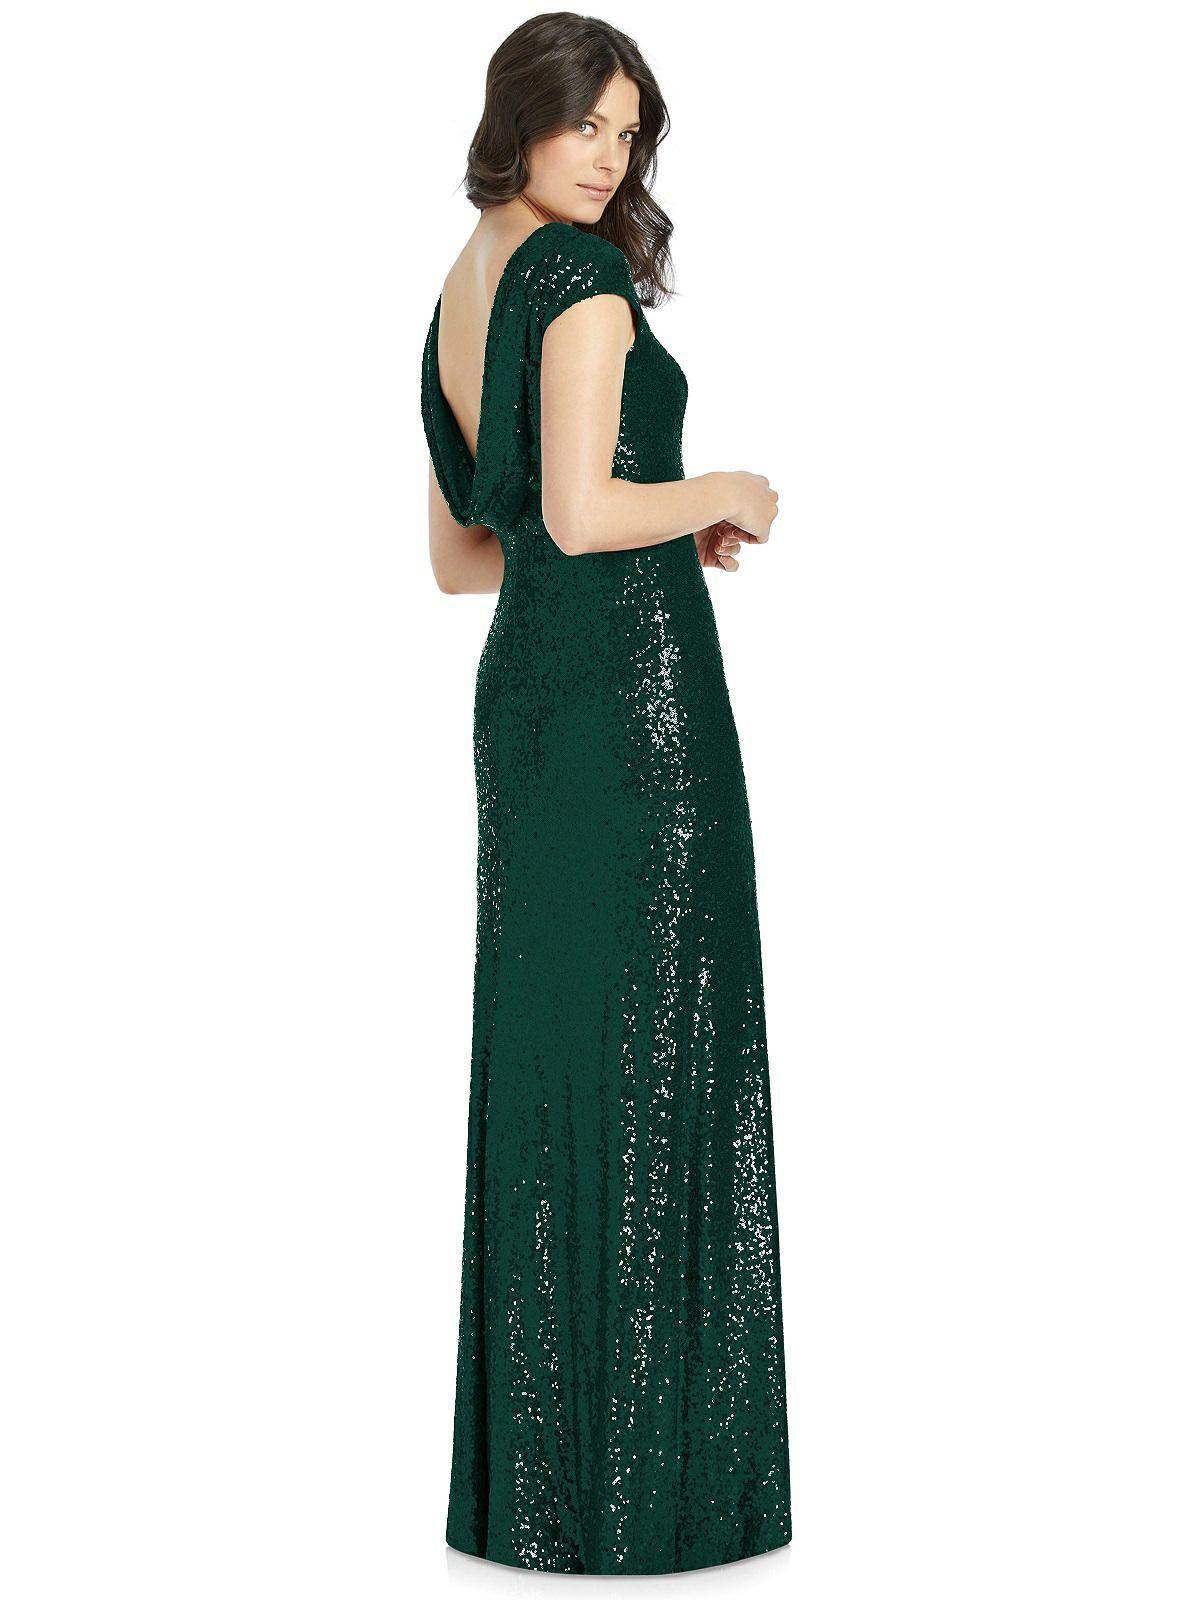 ffe1b0bf245 Dessy Bridesmaid Dress 3043 in 2019